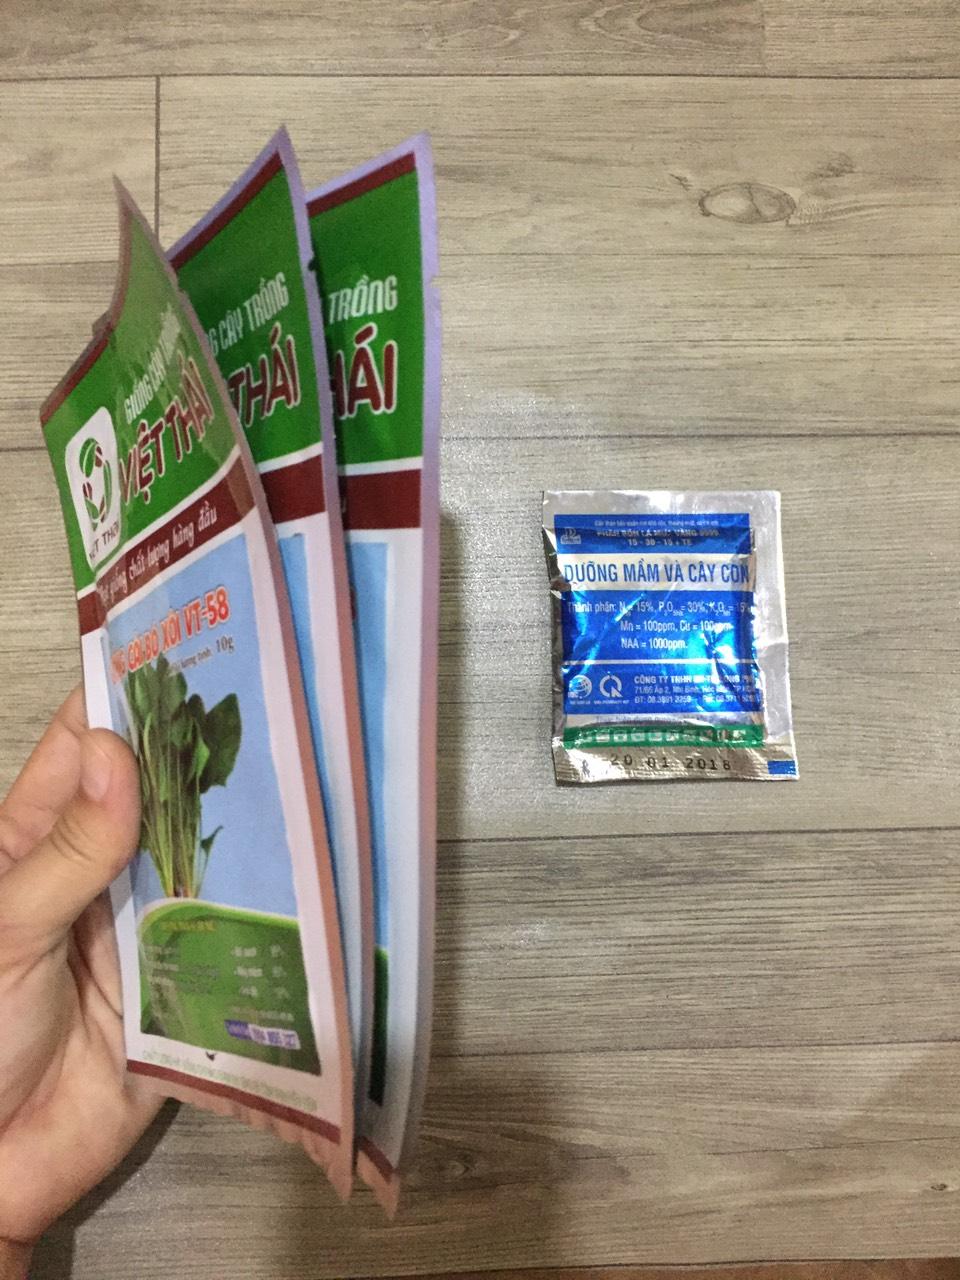 Bộ 3 bịch hạt giống rau mồng tơi ( tặng 1 bịch phân bón dưỡng mầm và cây non )